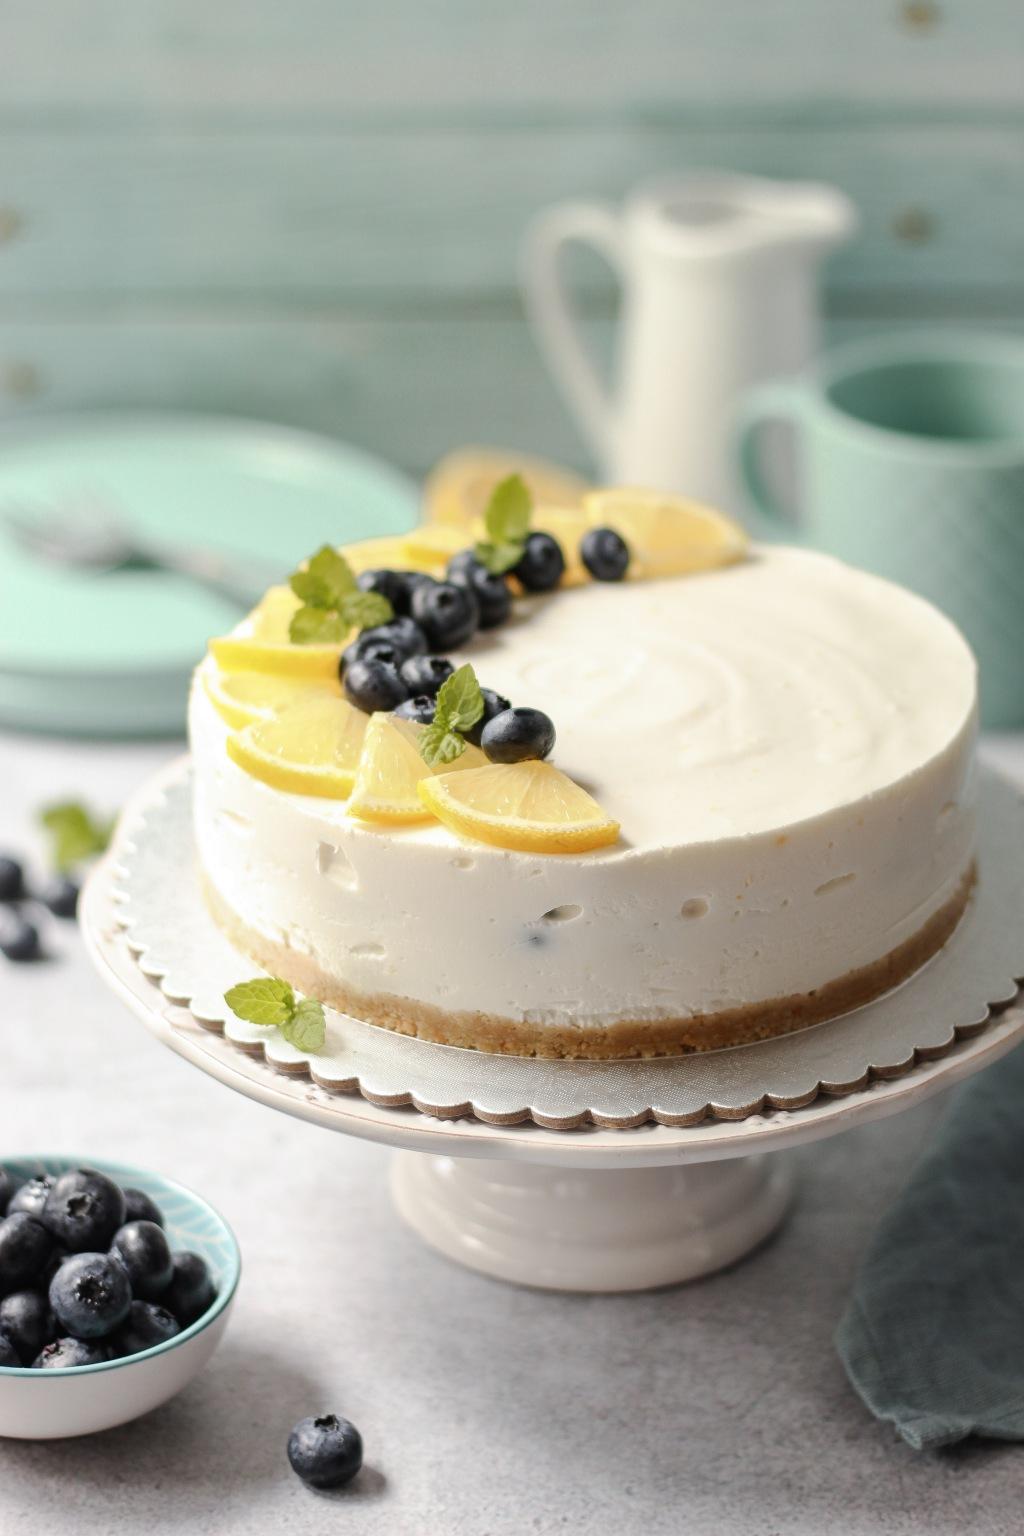 Jogurt torta od limuna i borovnica 2